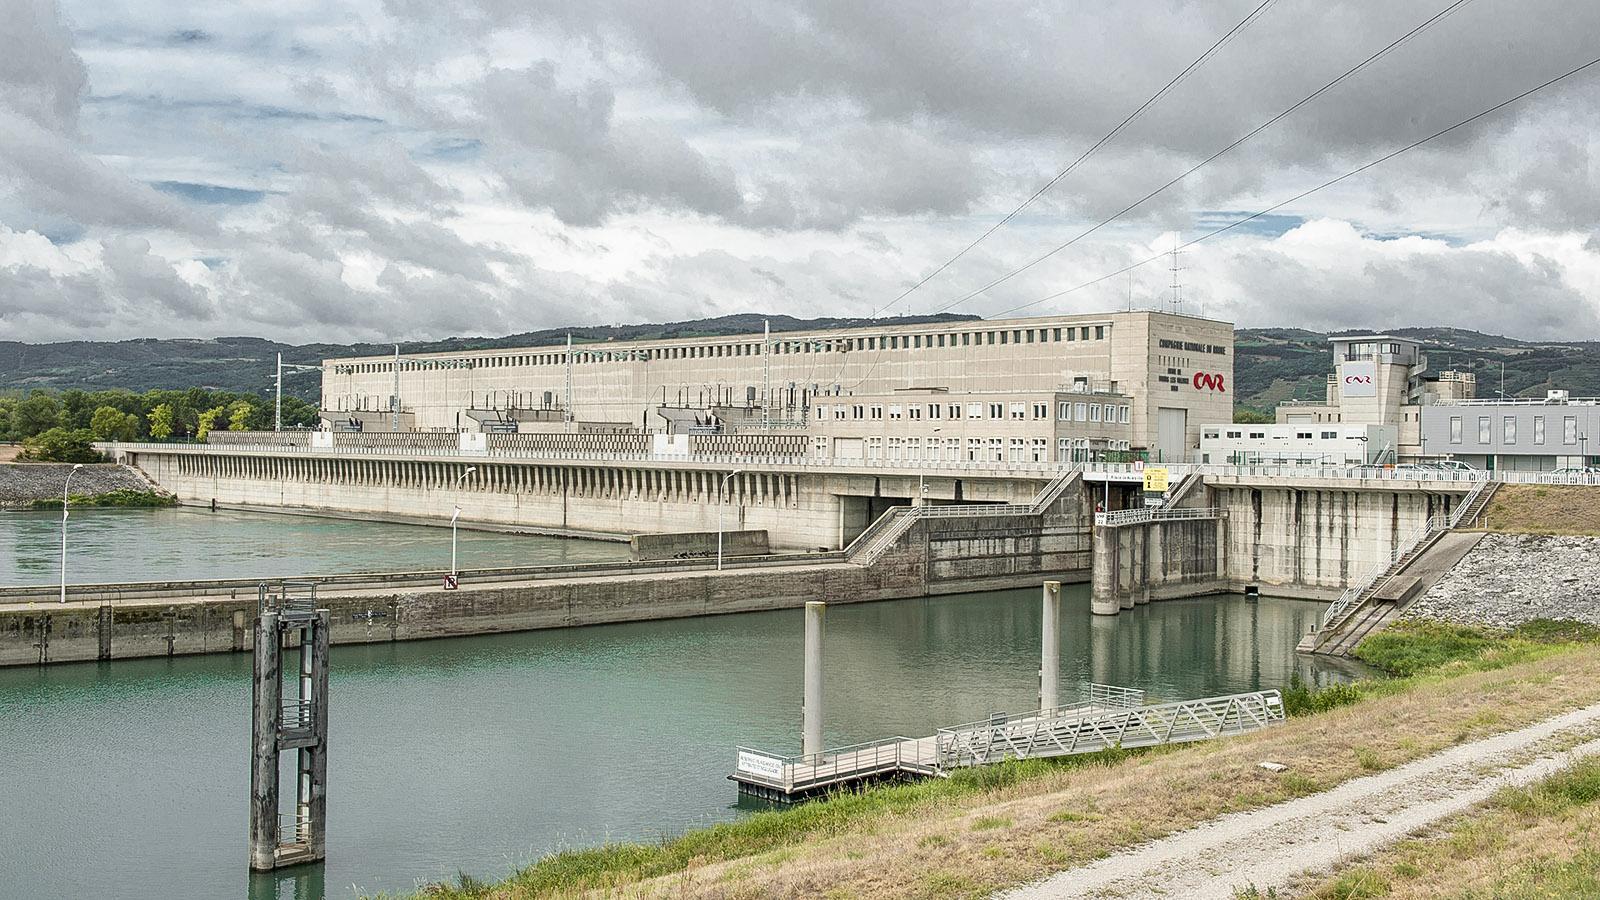 Das Wasserkraftwerk von Bourg-lès-Valence. Foto: Hilke Maunder